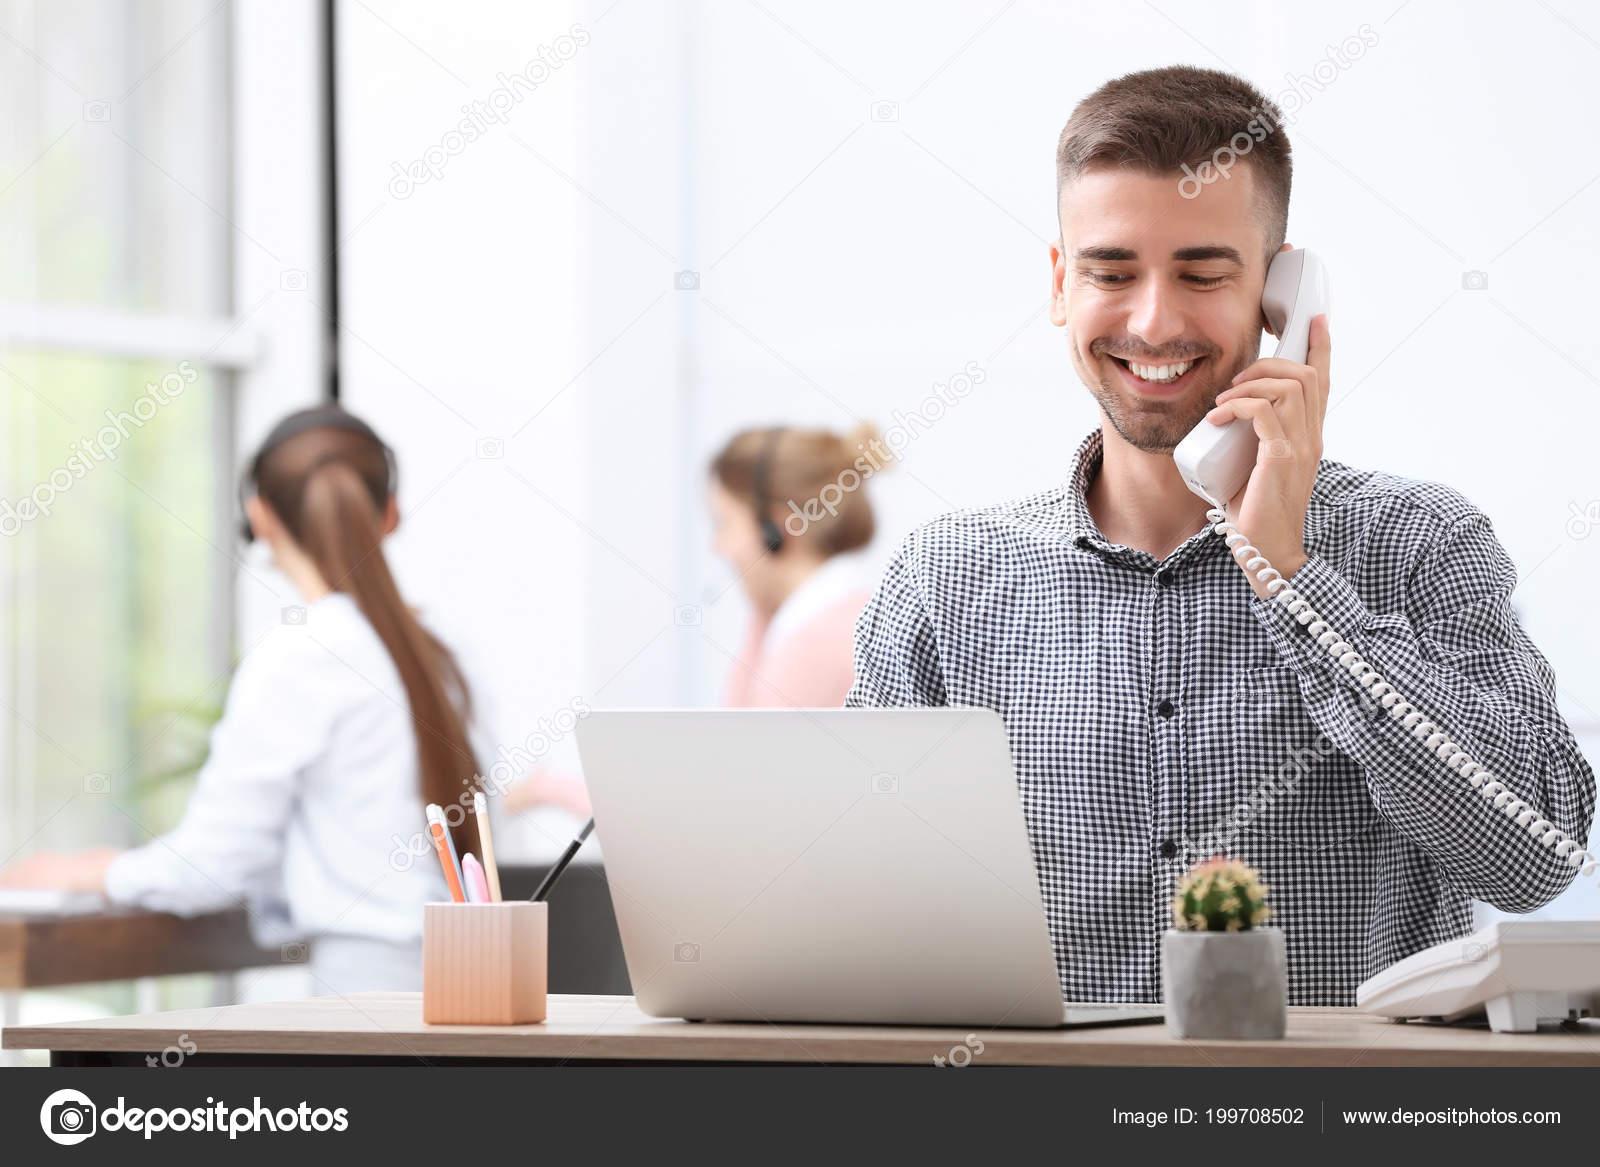 Mâle réceptionniste parlant téléphone comptoir bureau u2014 photographie